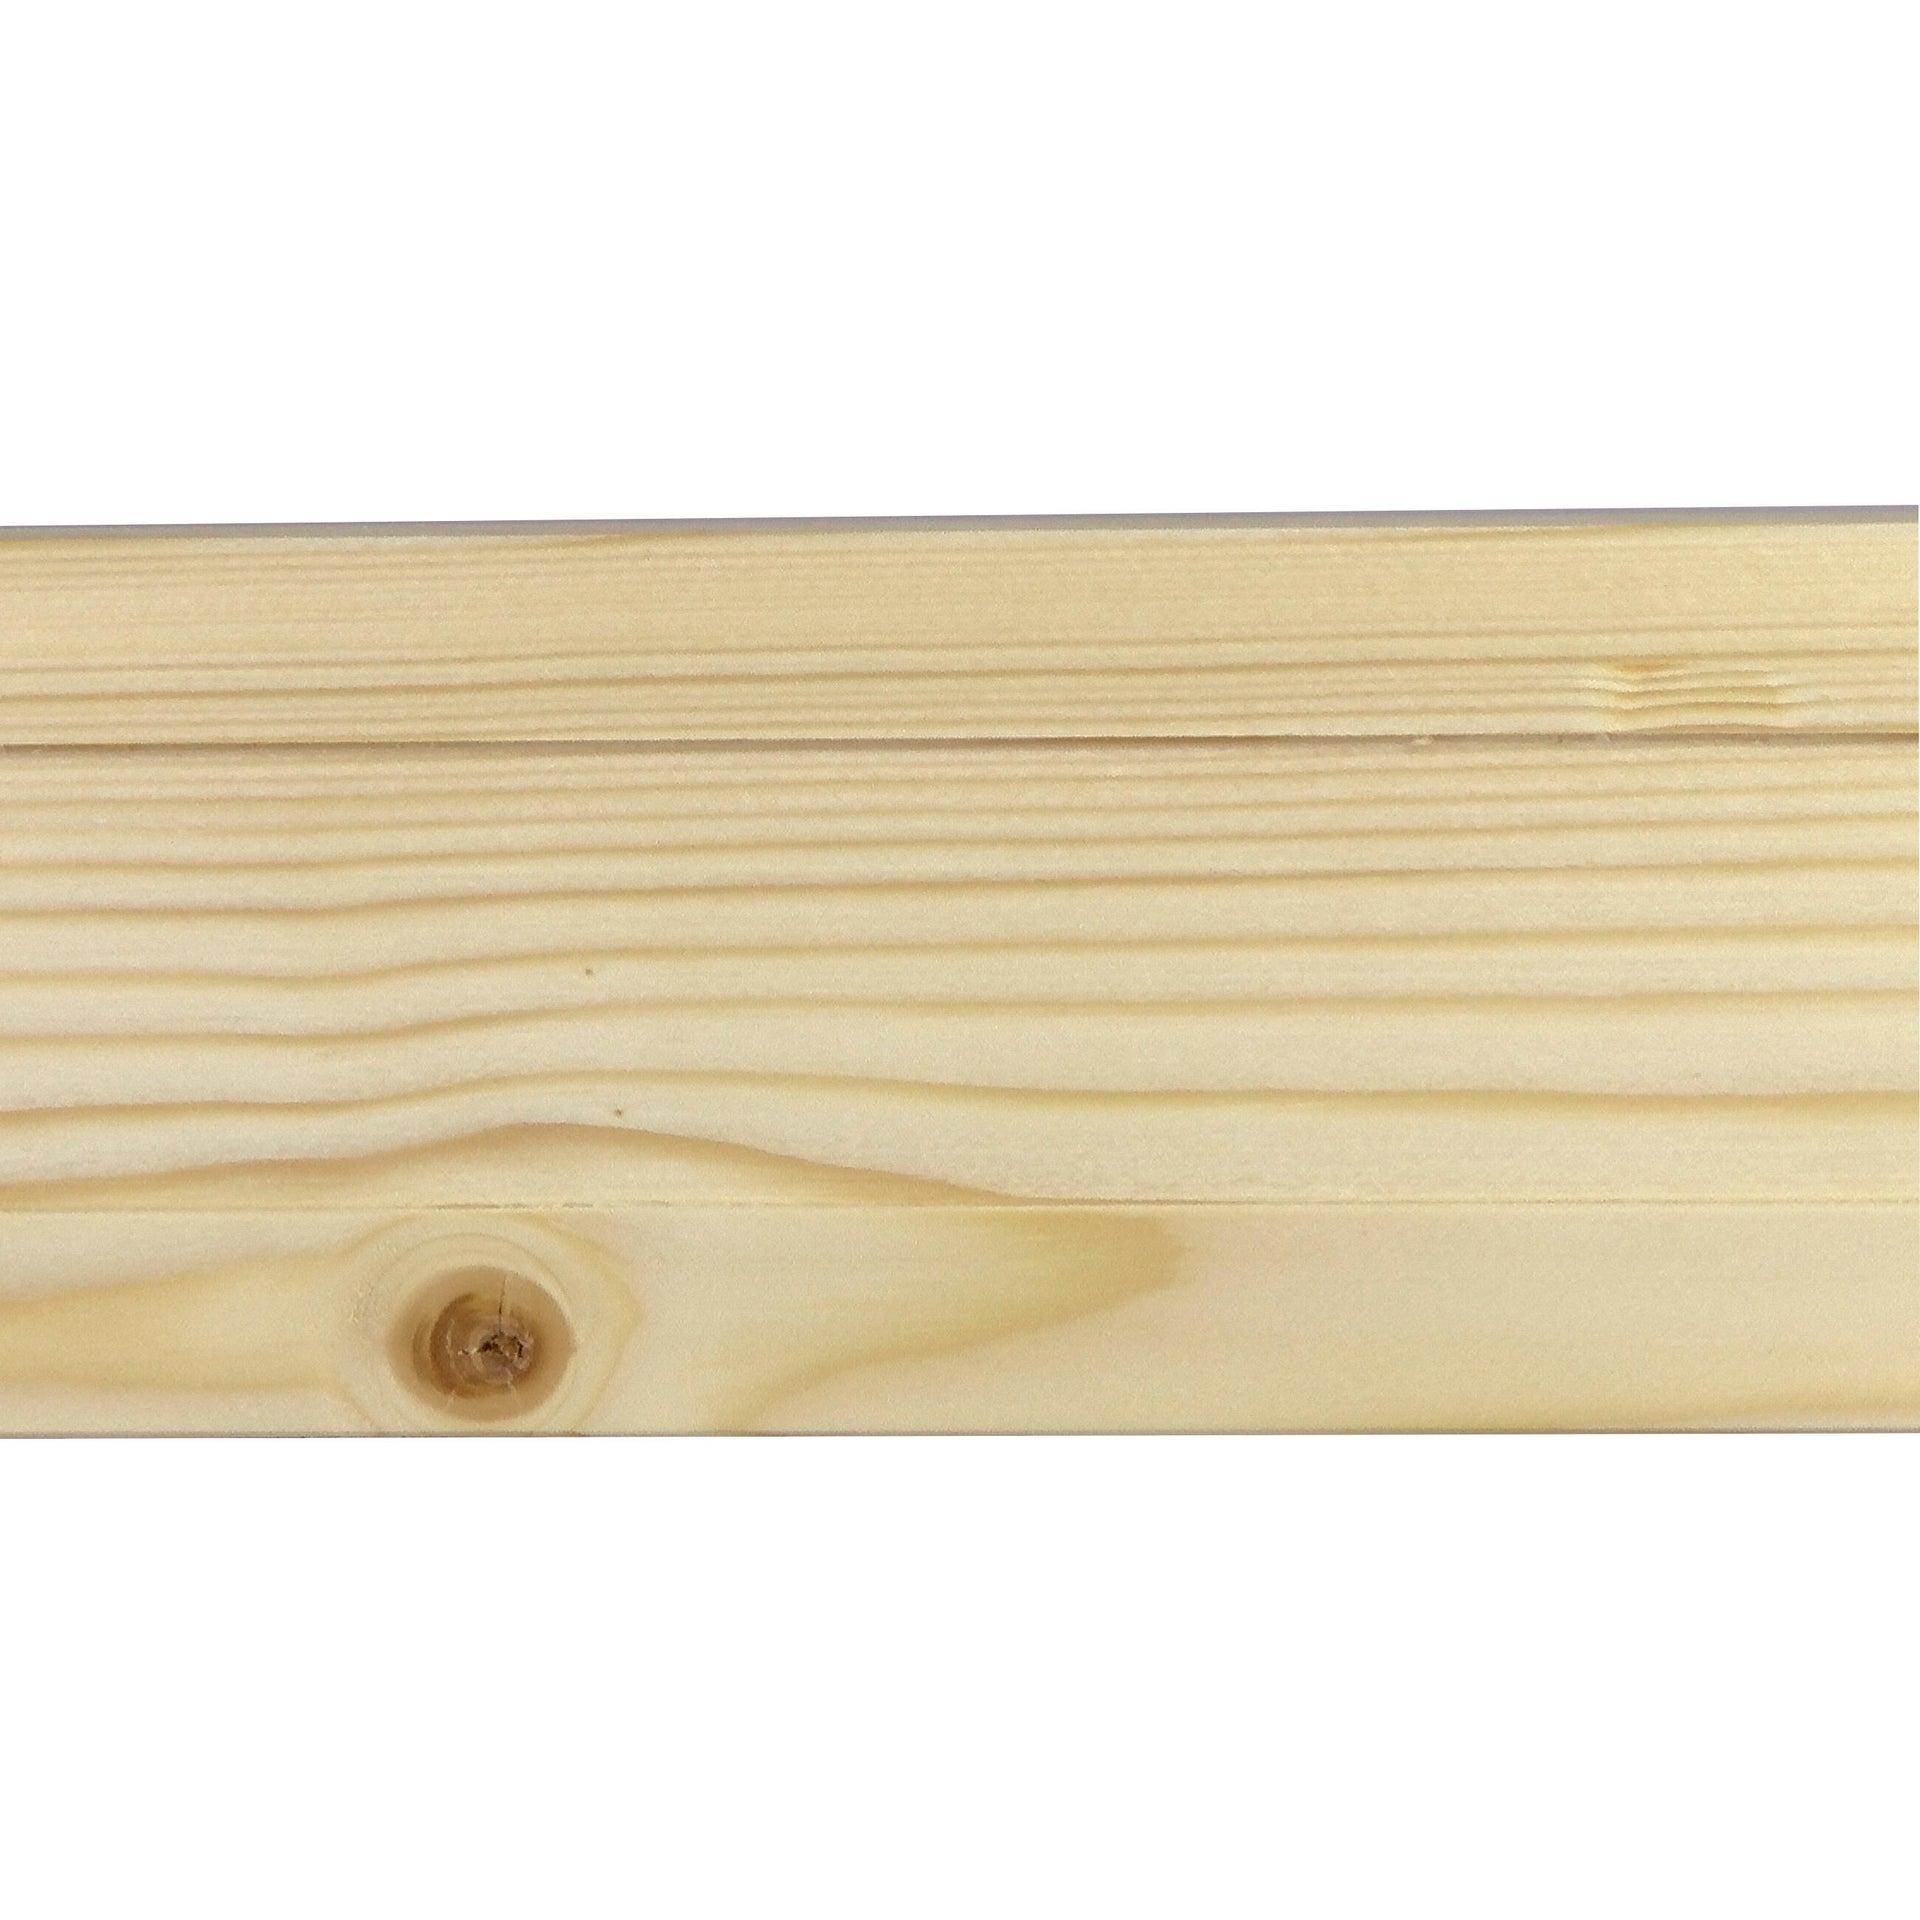 Coprifilo in legno legno massello naturale L 2250 x P 10 x H 70 mm - 1